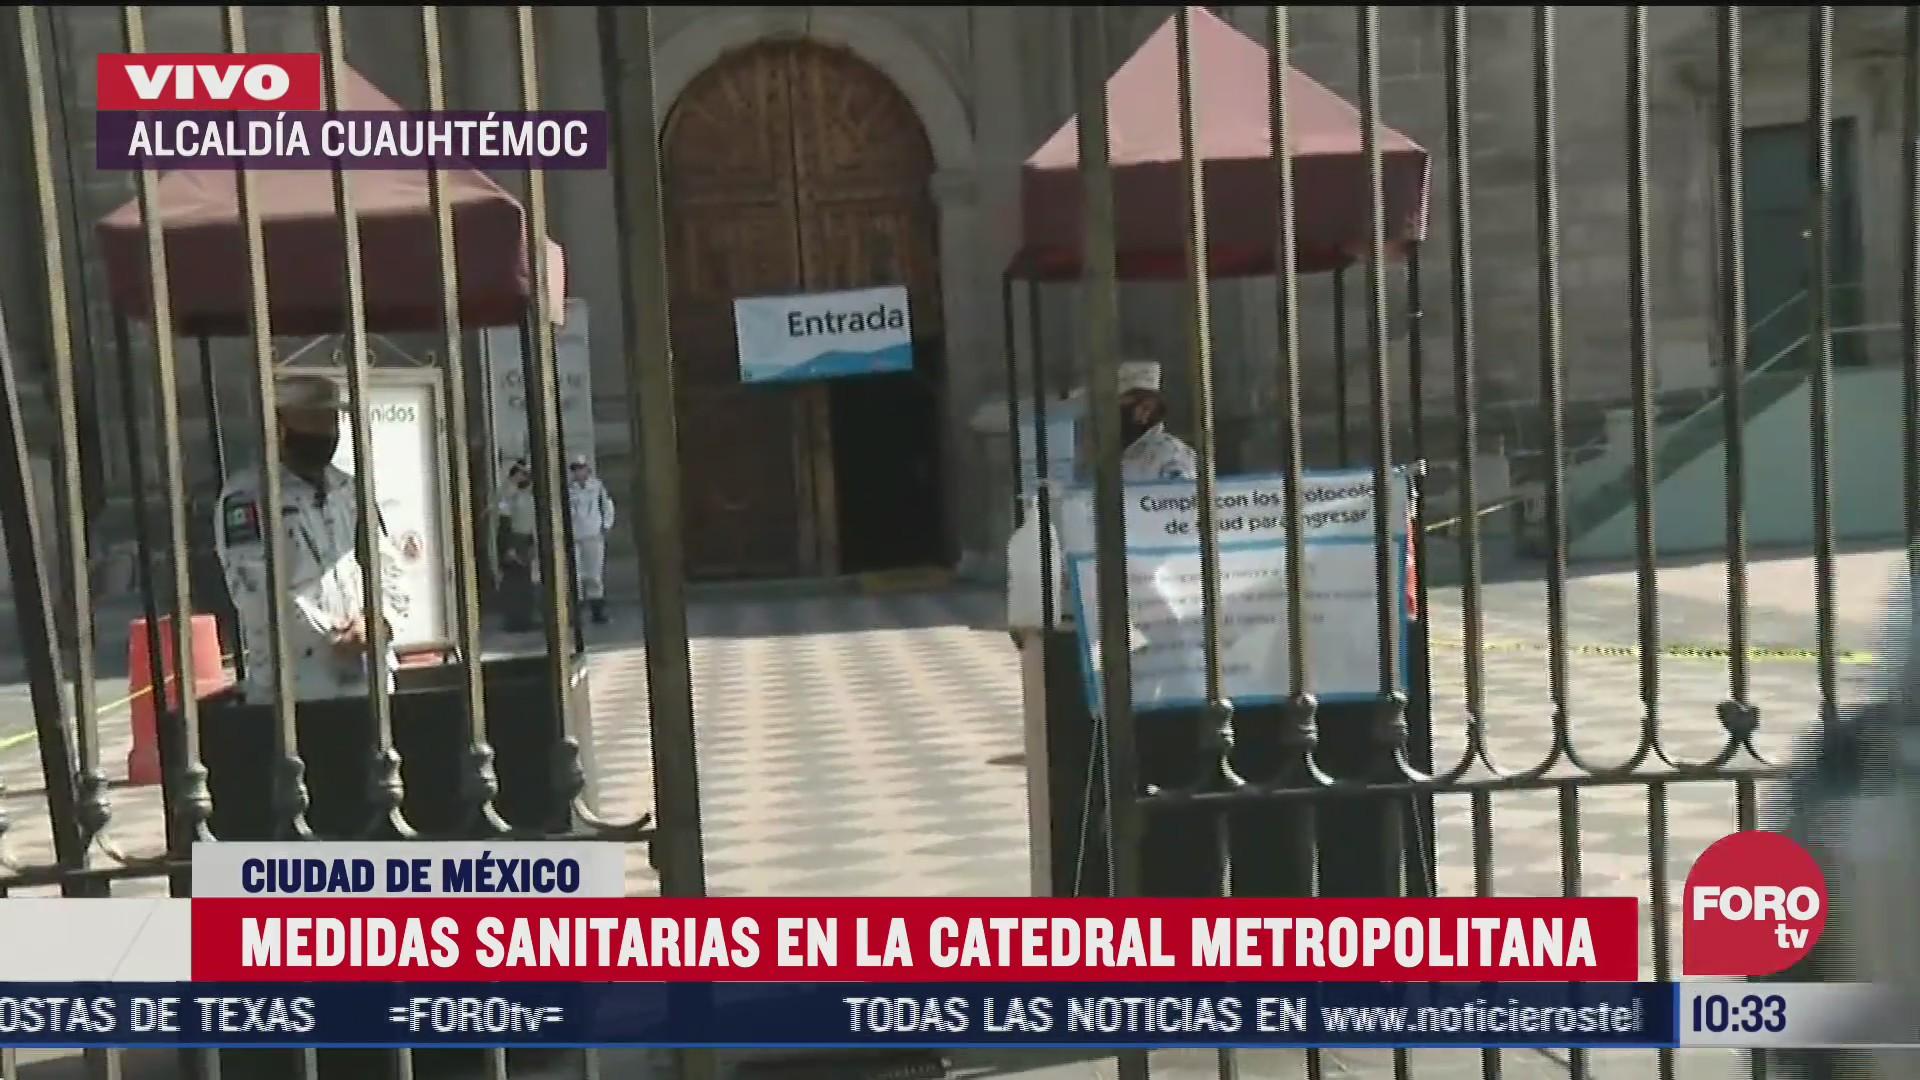 medidas sanitarias en la catedral metropolitana de la cdmx